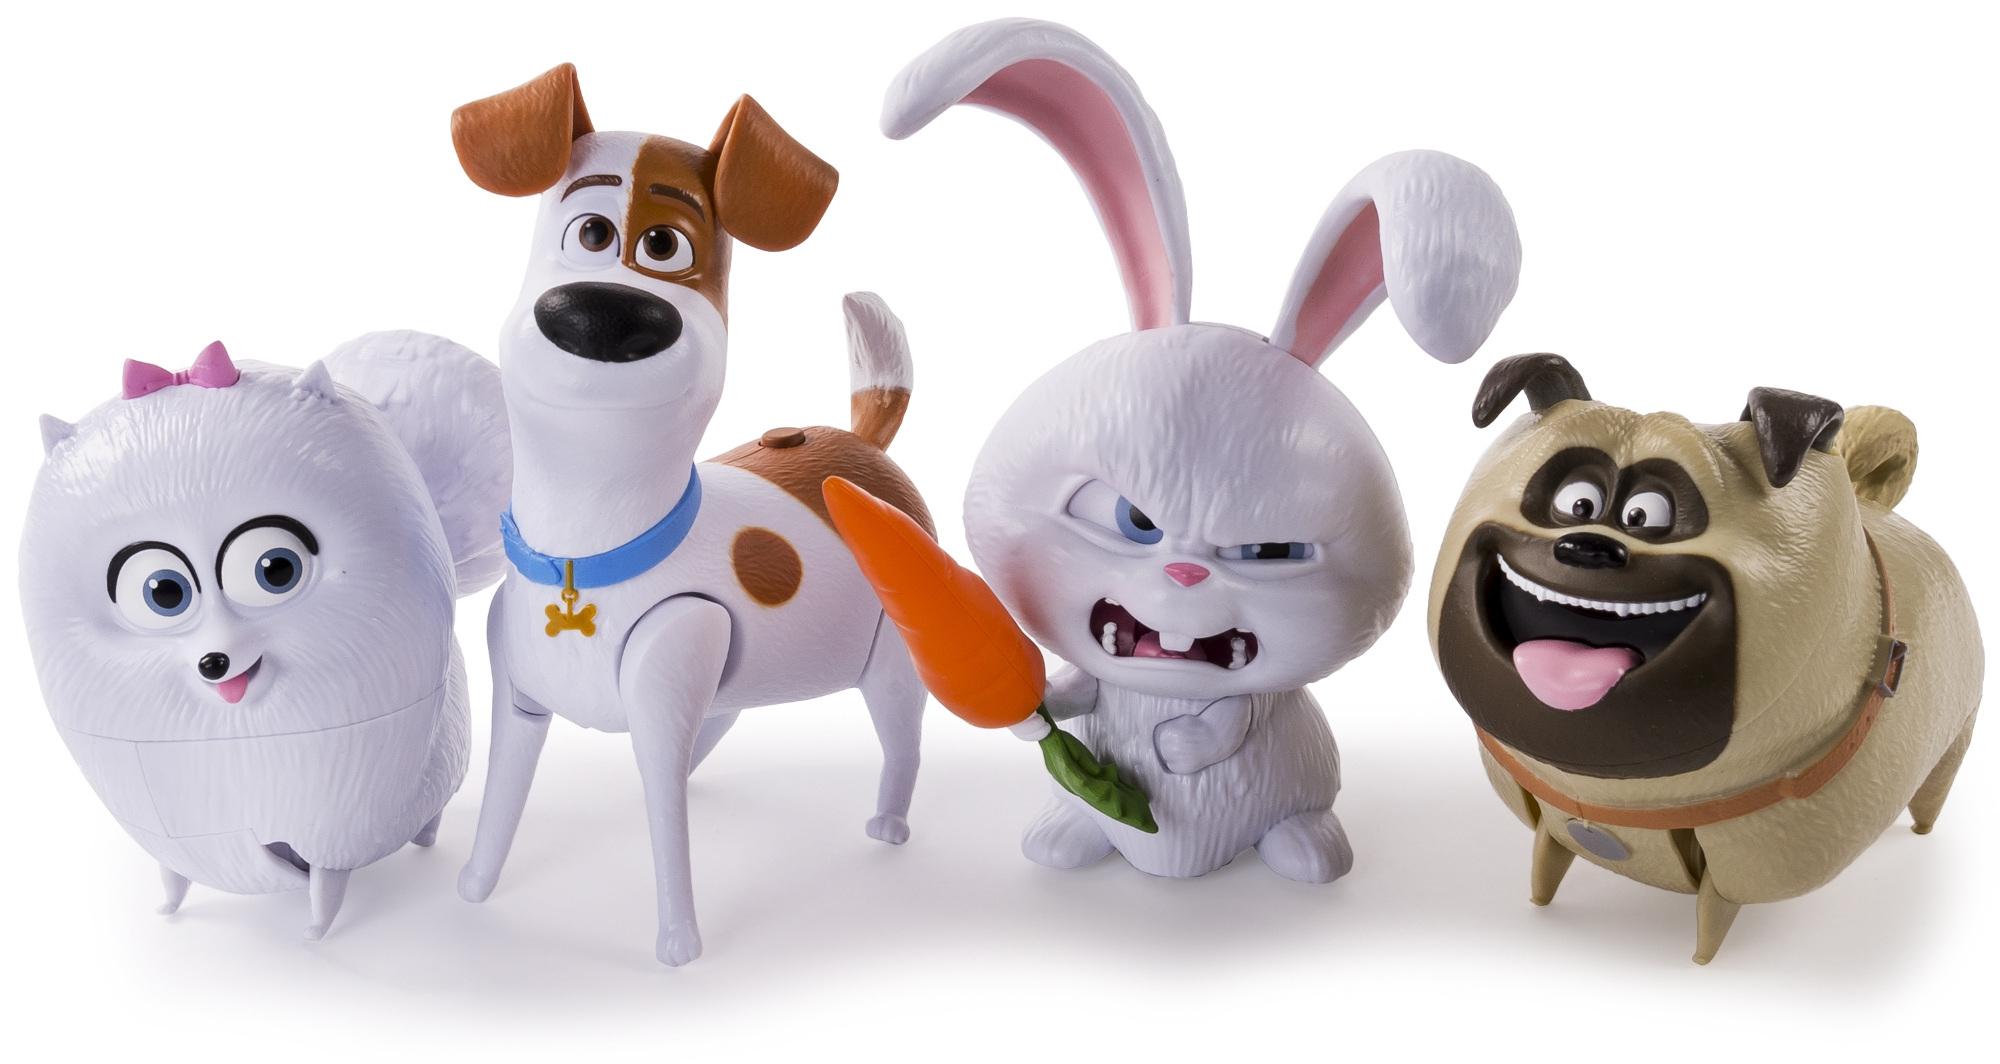 Купить Фигурка, Secret Life of Pets со звуковыми эффектами, 1шт., Secret Life of Pets 72802, Китай, в ассортименте